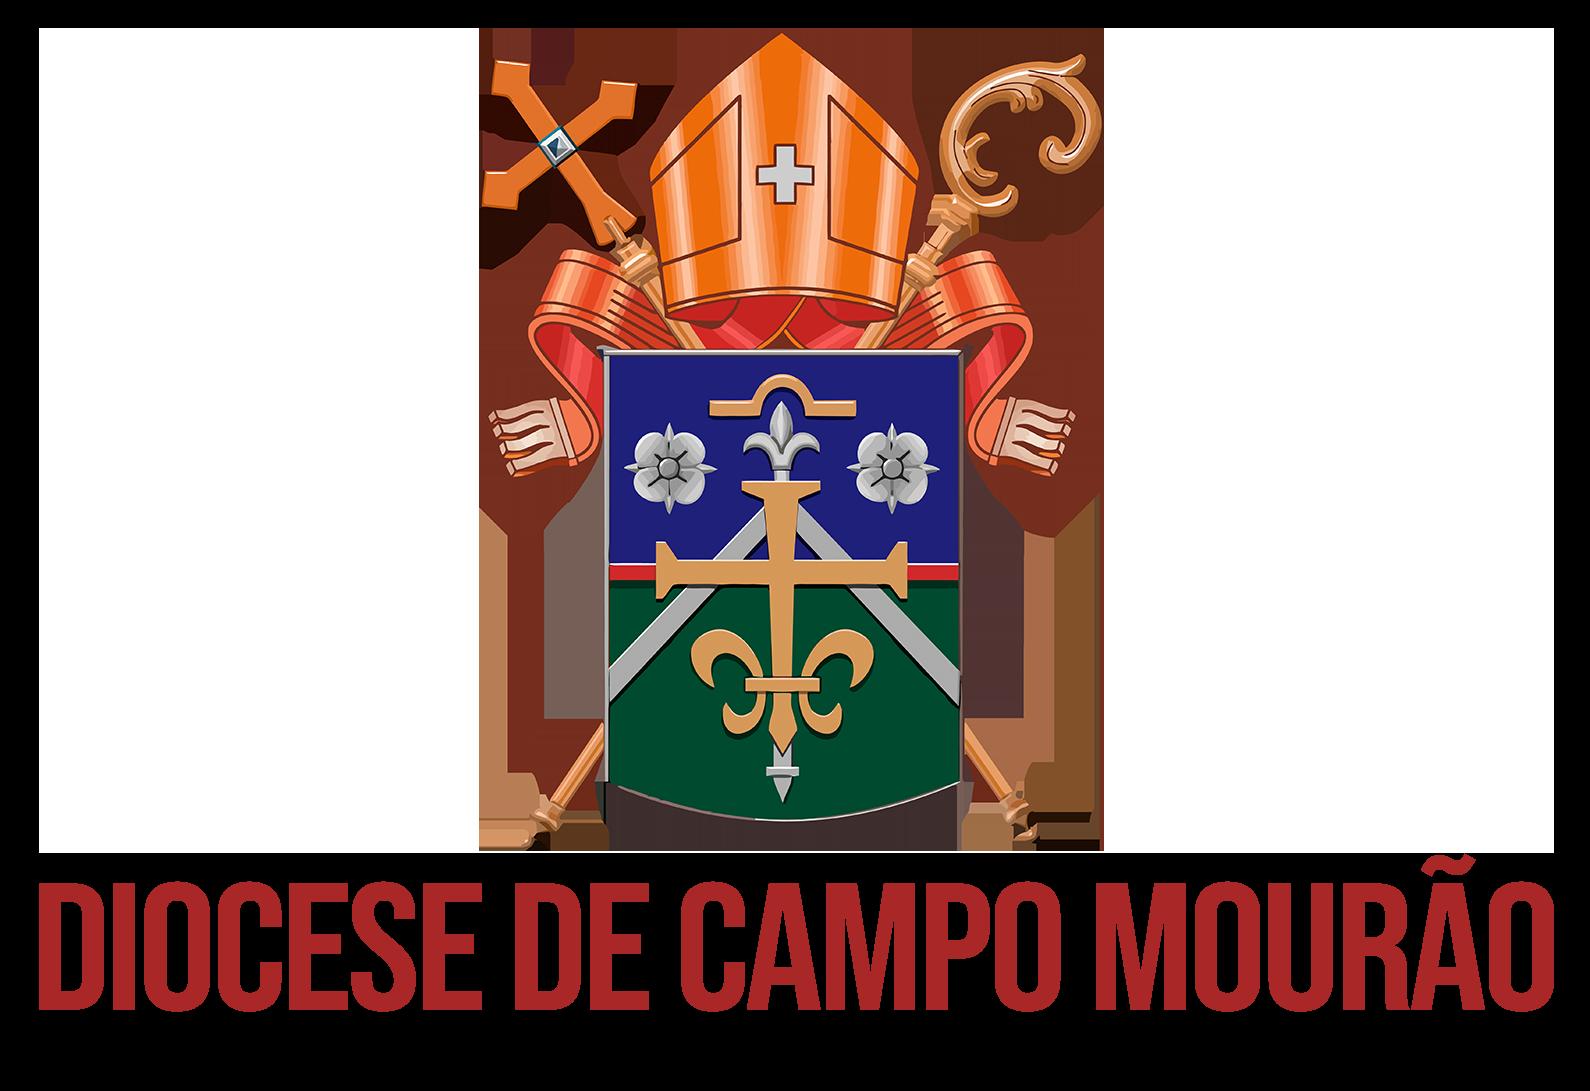 Diocese de Campo Mourão - Muitos membros, um só corpo